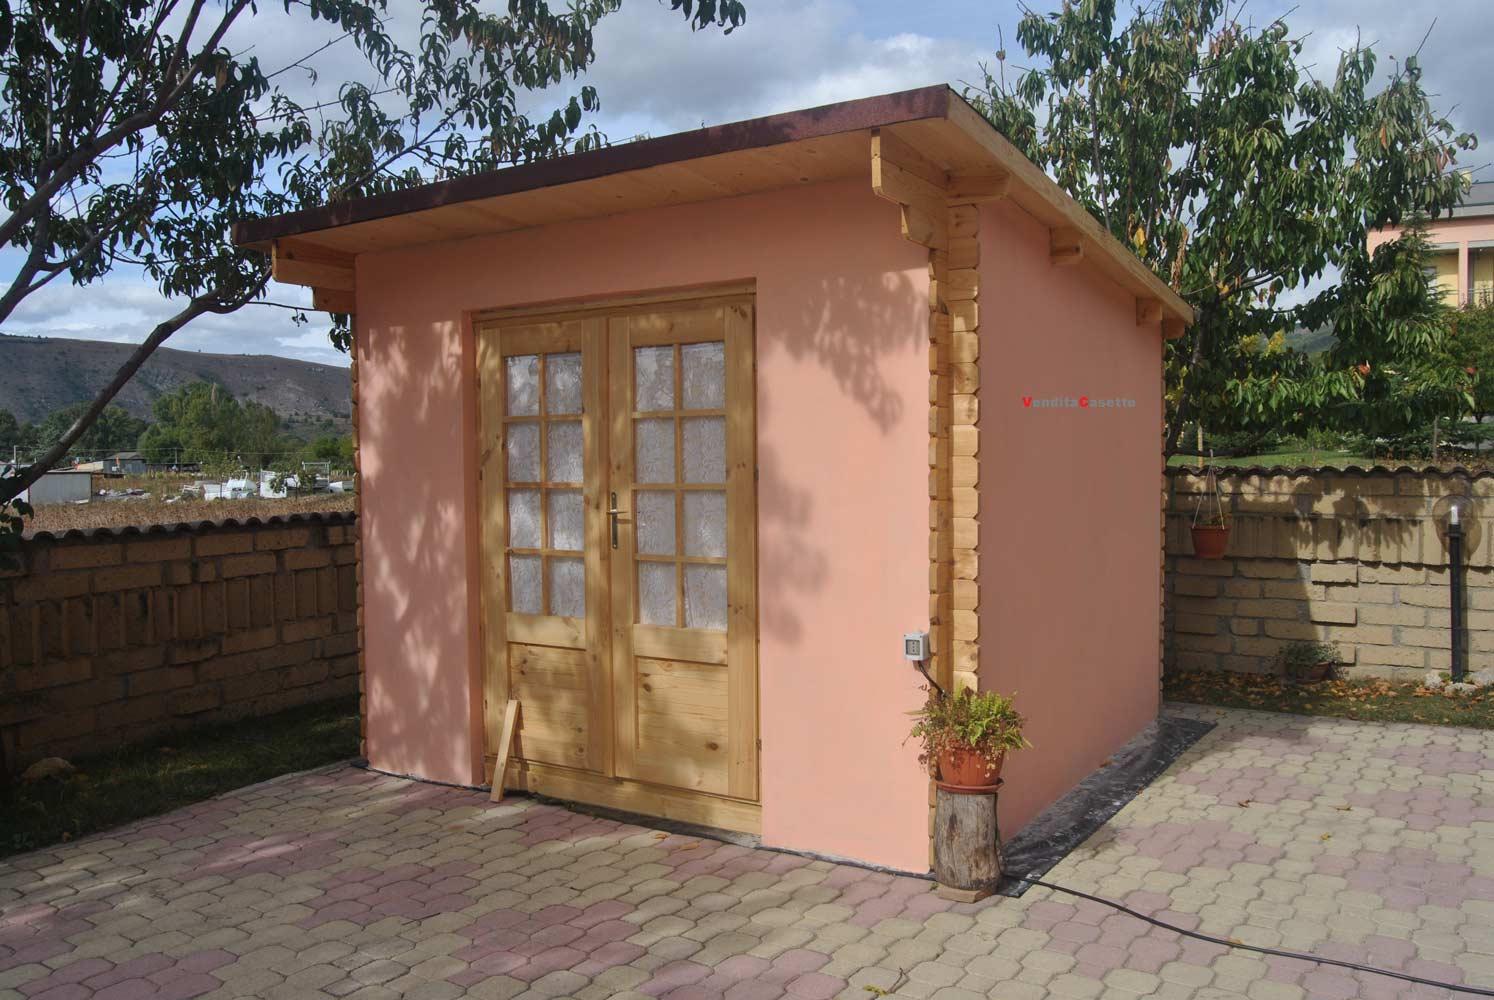 Casette Da Giardino Economiche : Casette da giardino in pvc usate casette pvc giardino